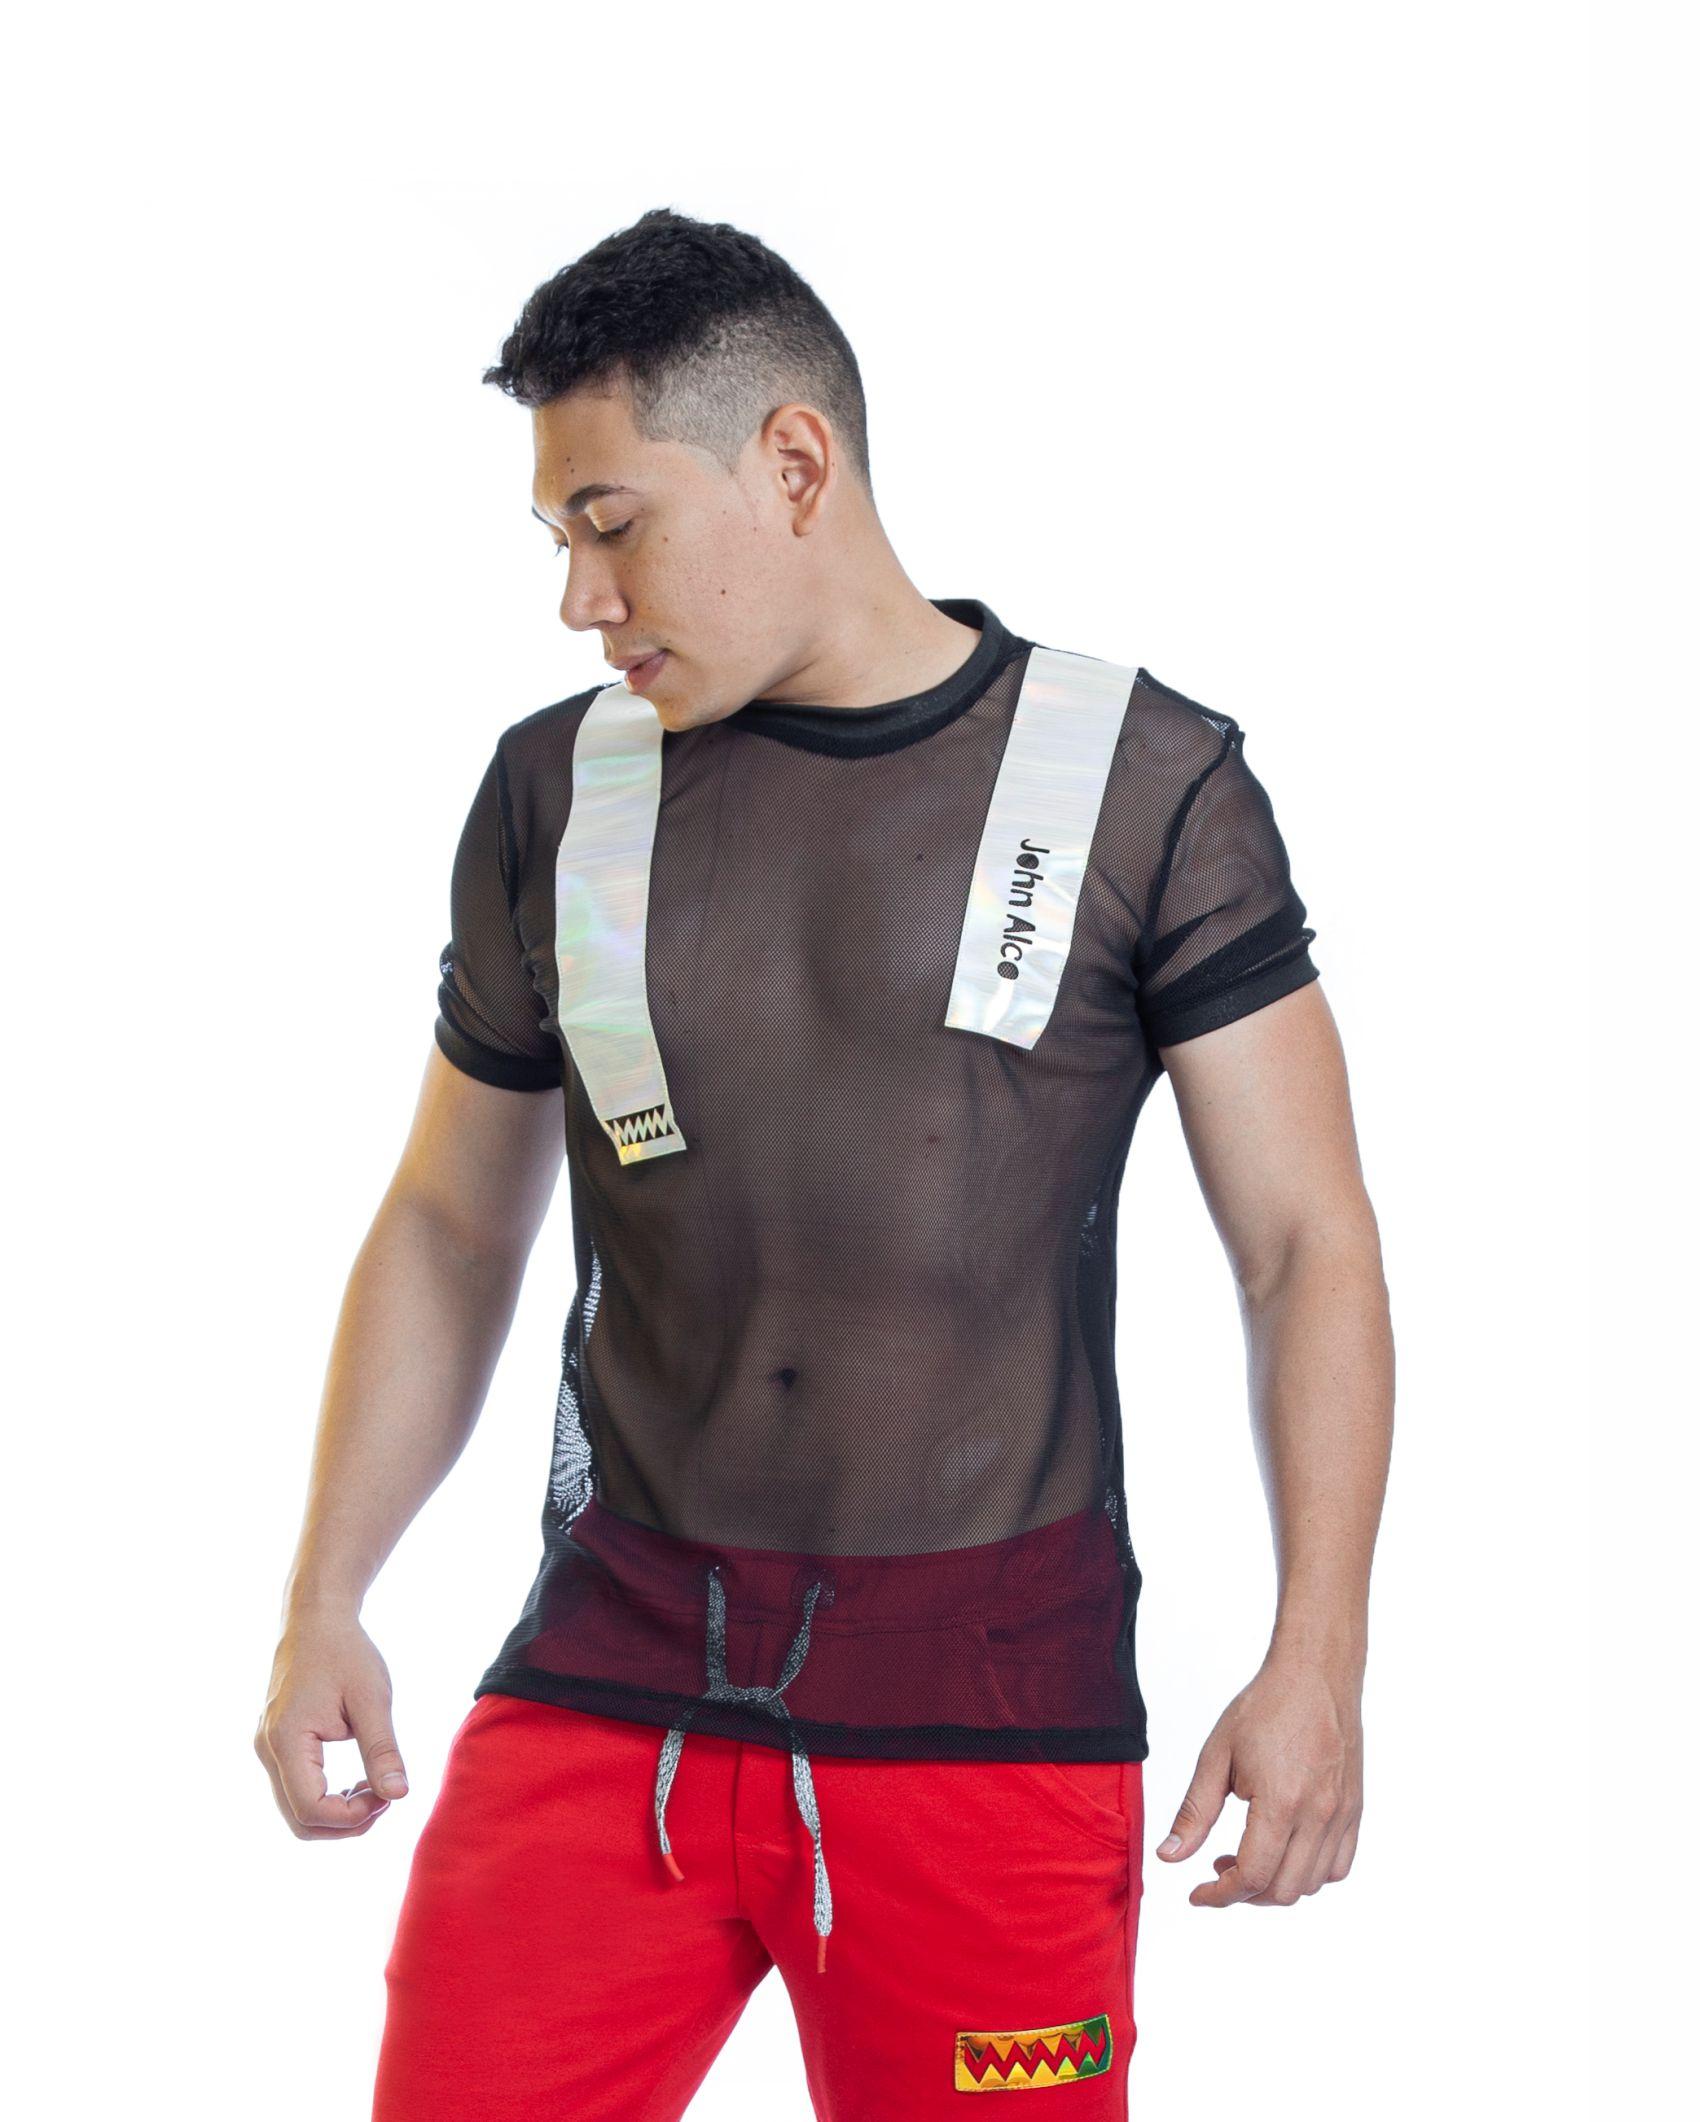 ref 1738 0 camiseta maya dinamica , material maya en 97% poliester + 3% Spandex Tallas S-M-L. $57.000.